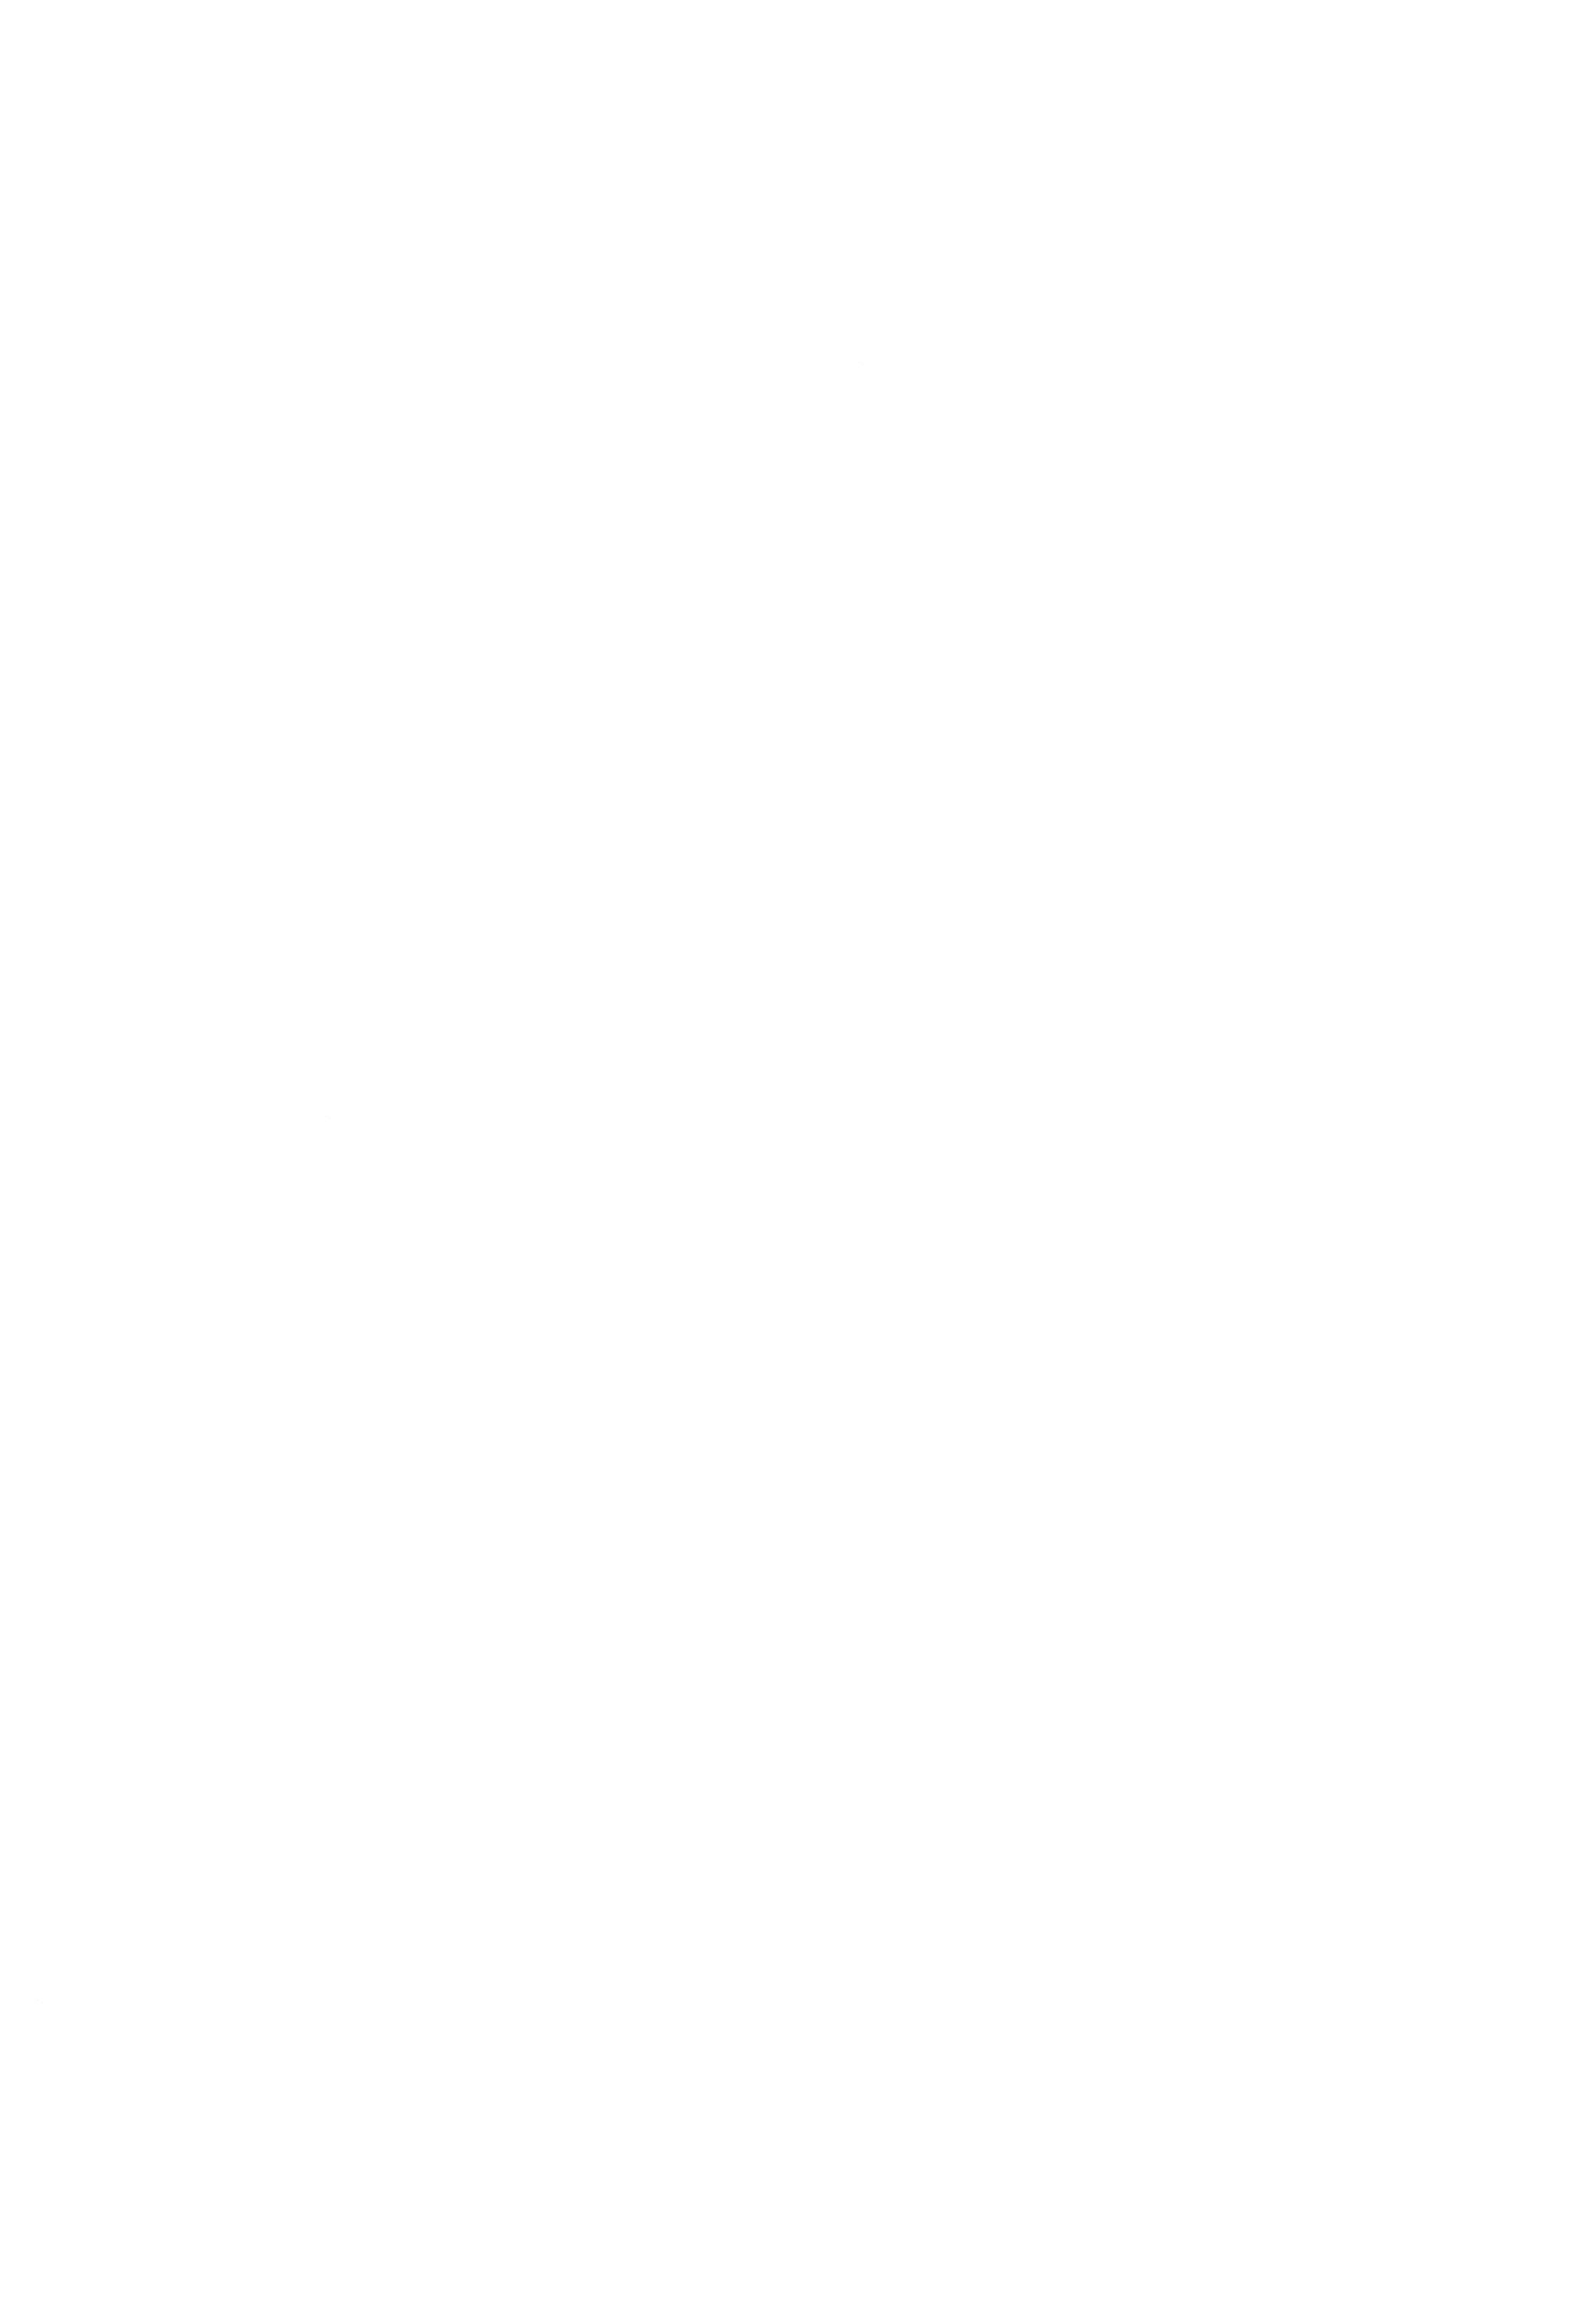 【苺ましまろエロ漫画】ロリ美少女な千佳ちゃんが変態お兄さんとのグチョ濡れセックスでたっぷり中出しされちゃってる~ww【無料エロ同人誌】